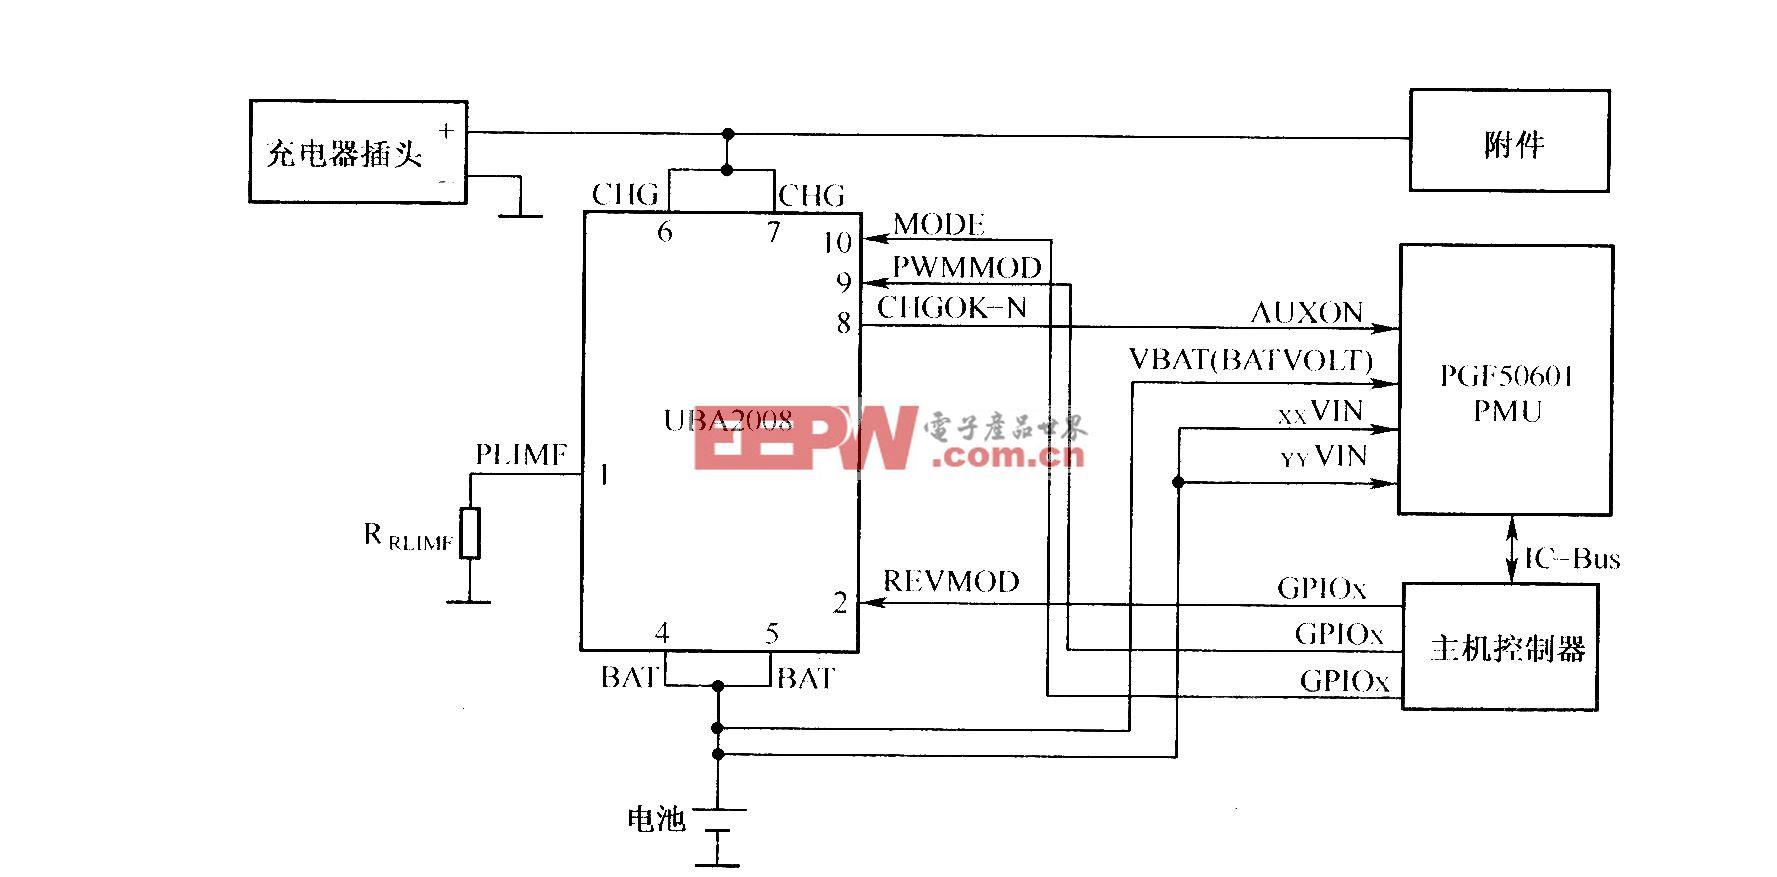 采用UBA2008充电开关芯片构成的充电电路